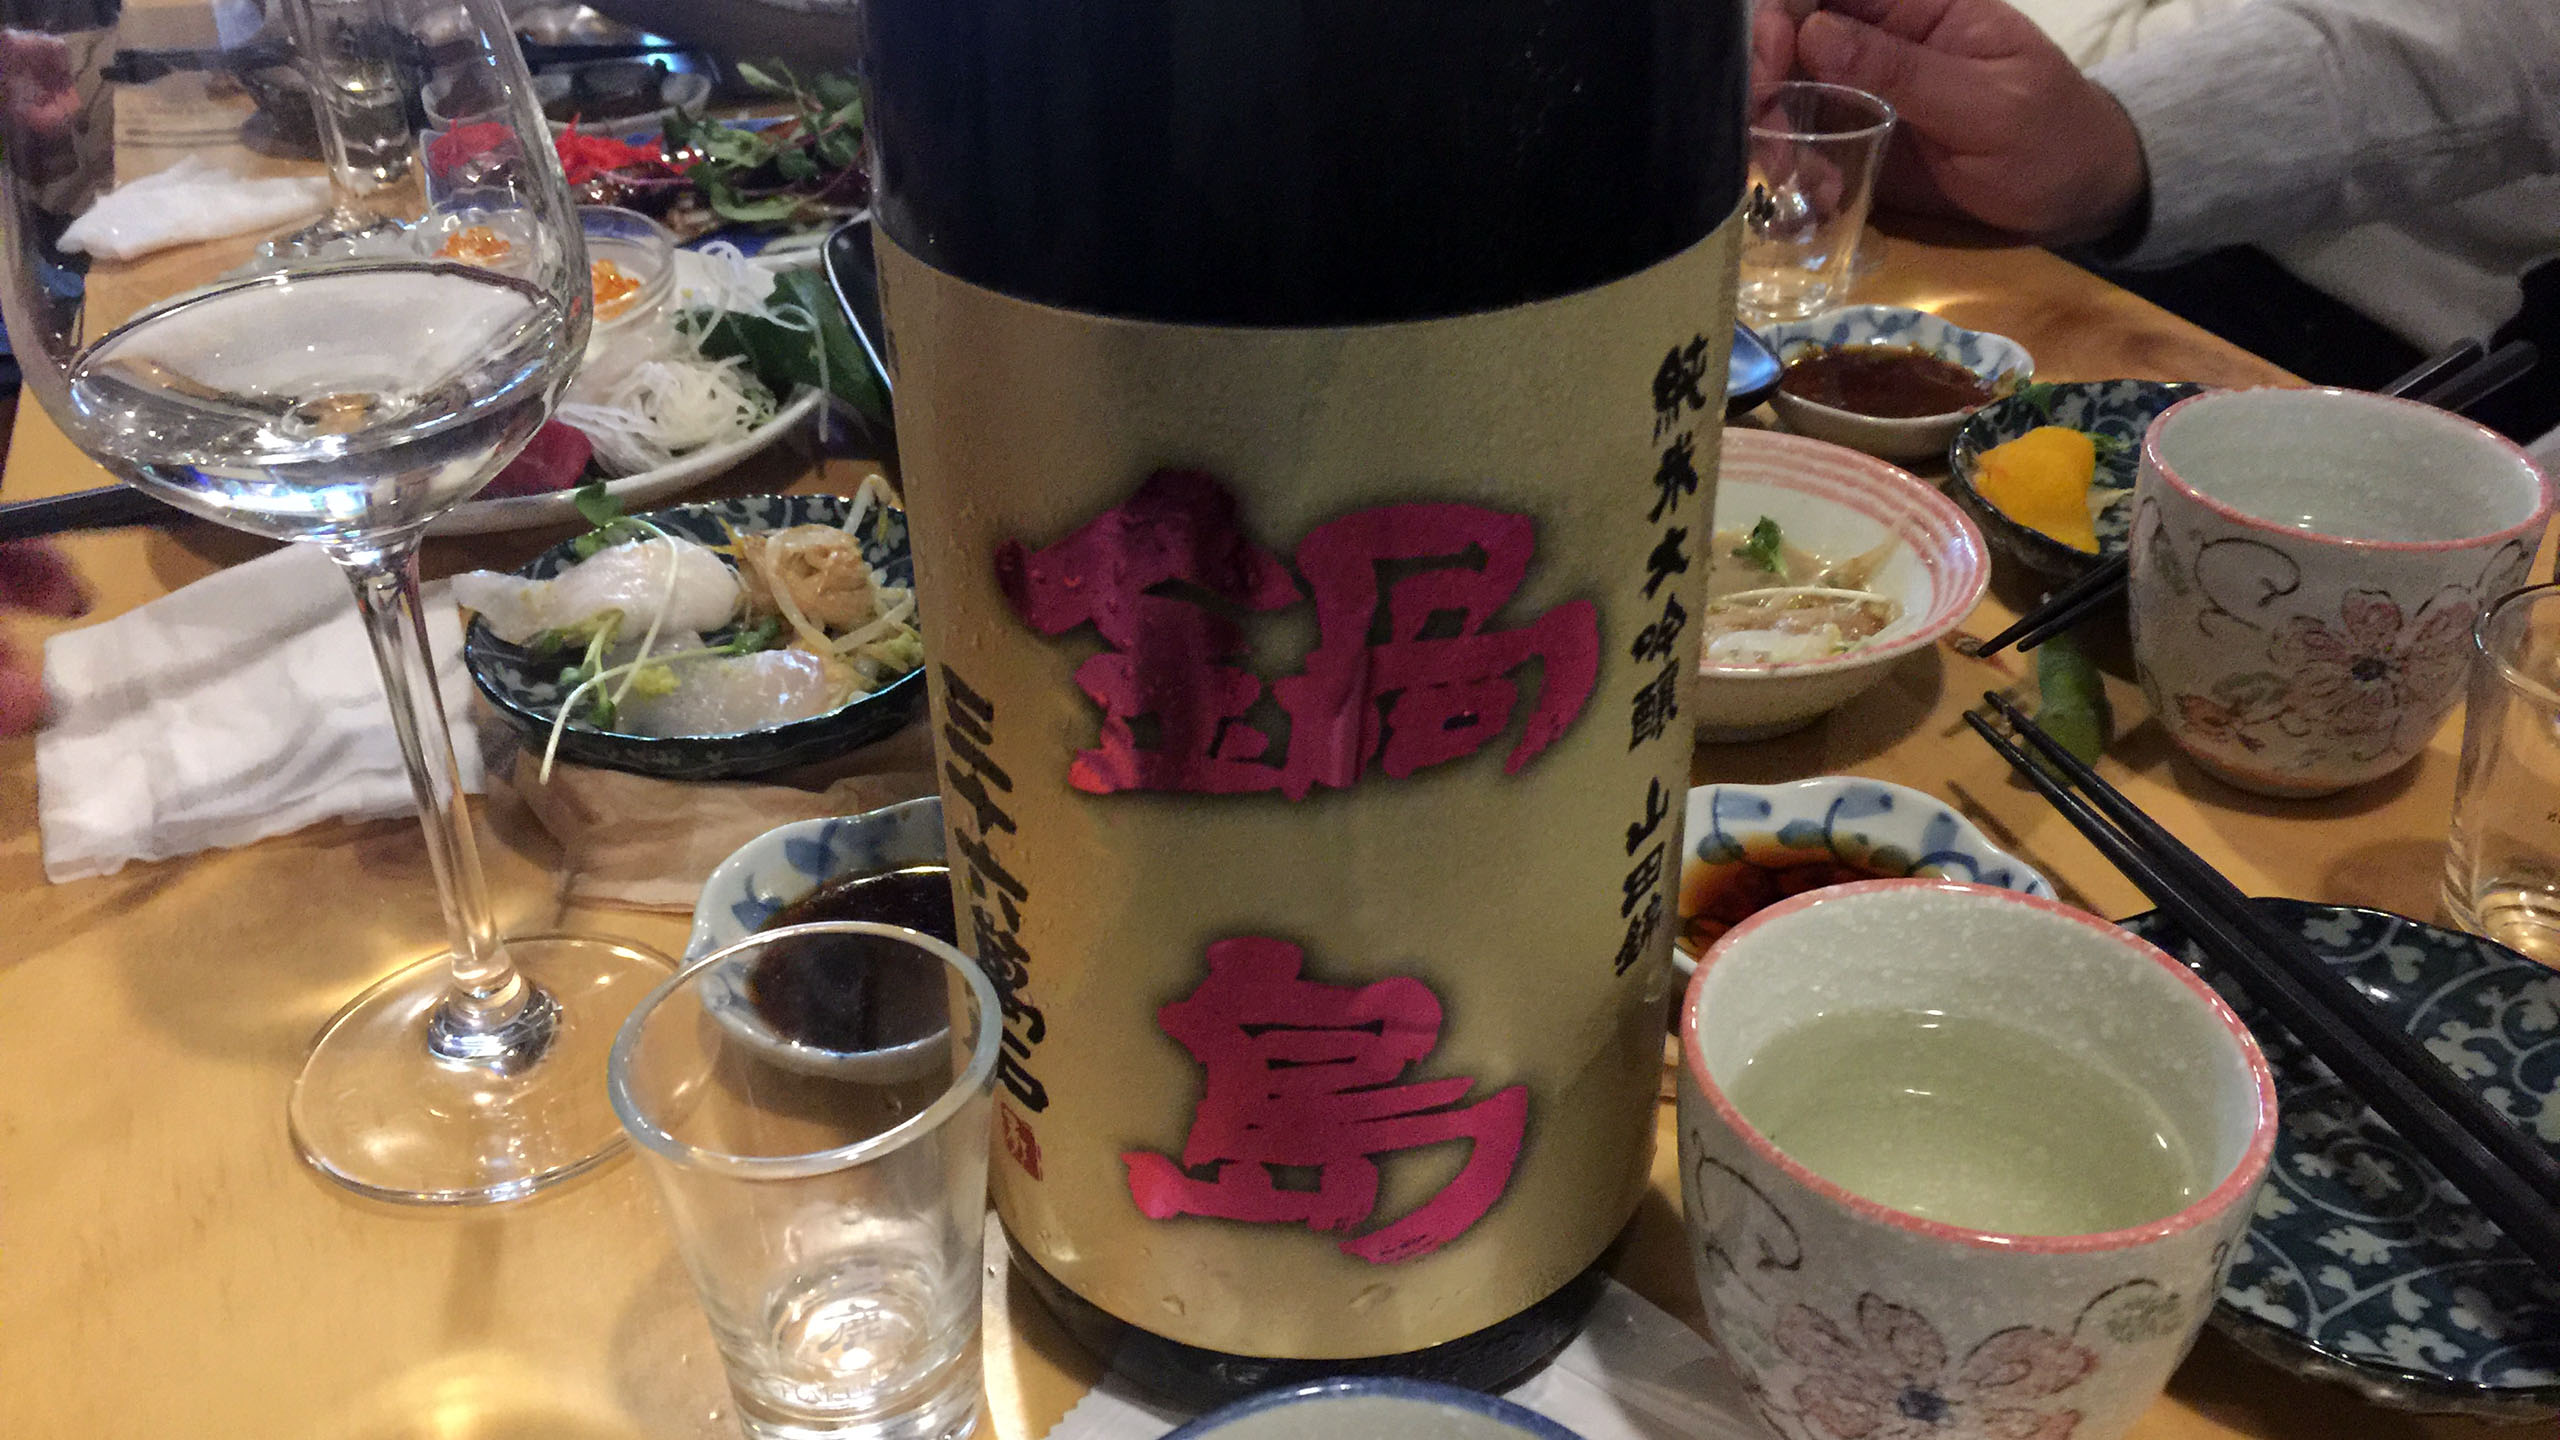 나베시마 쥰마이다이긴죠 특A 야마다니시키 45% 골드라벨